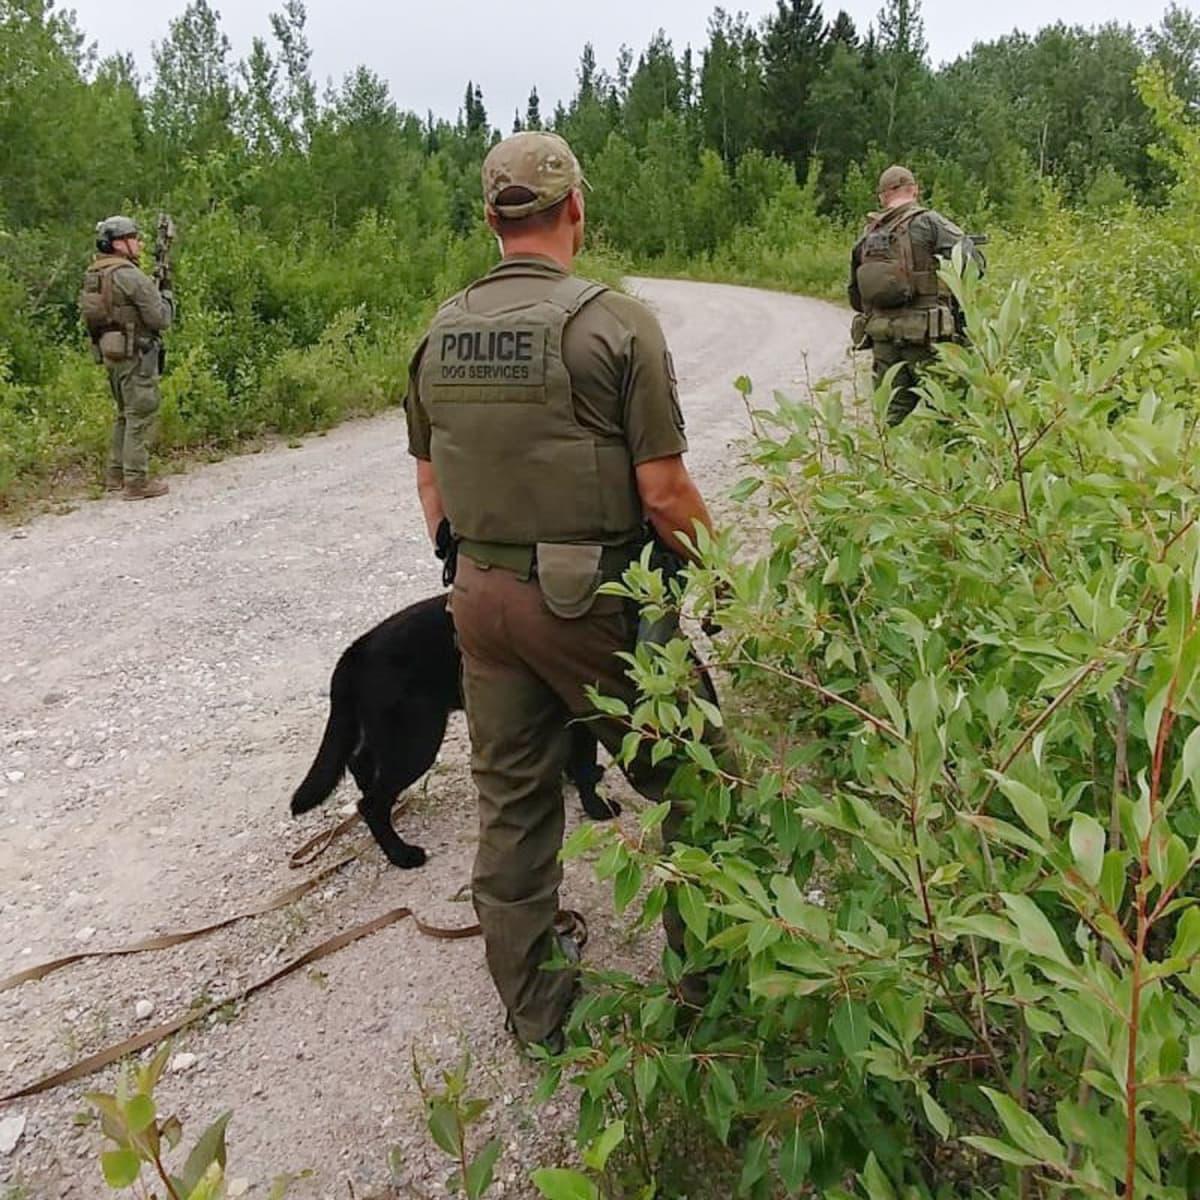 Poliisit ja koira luonnossa.